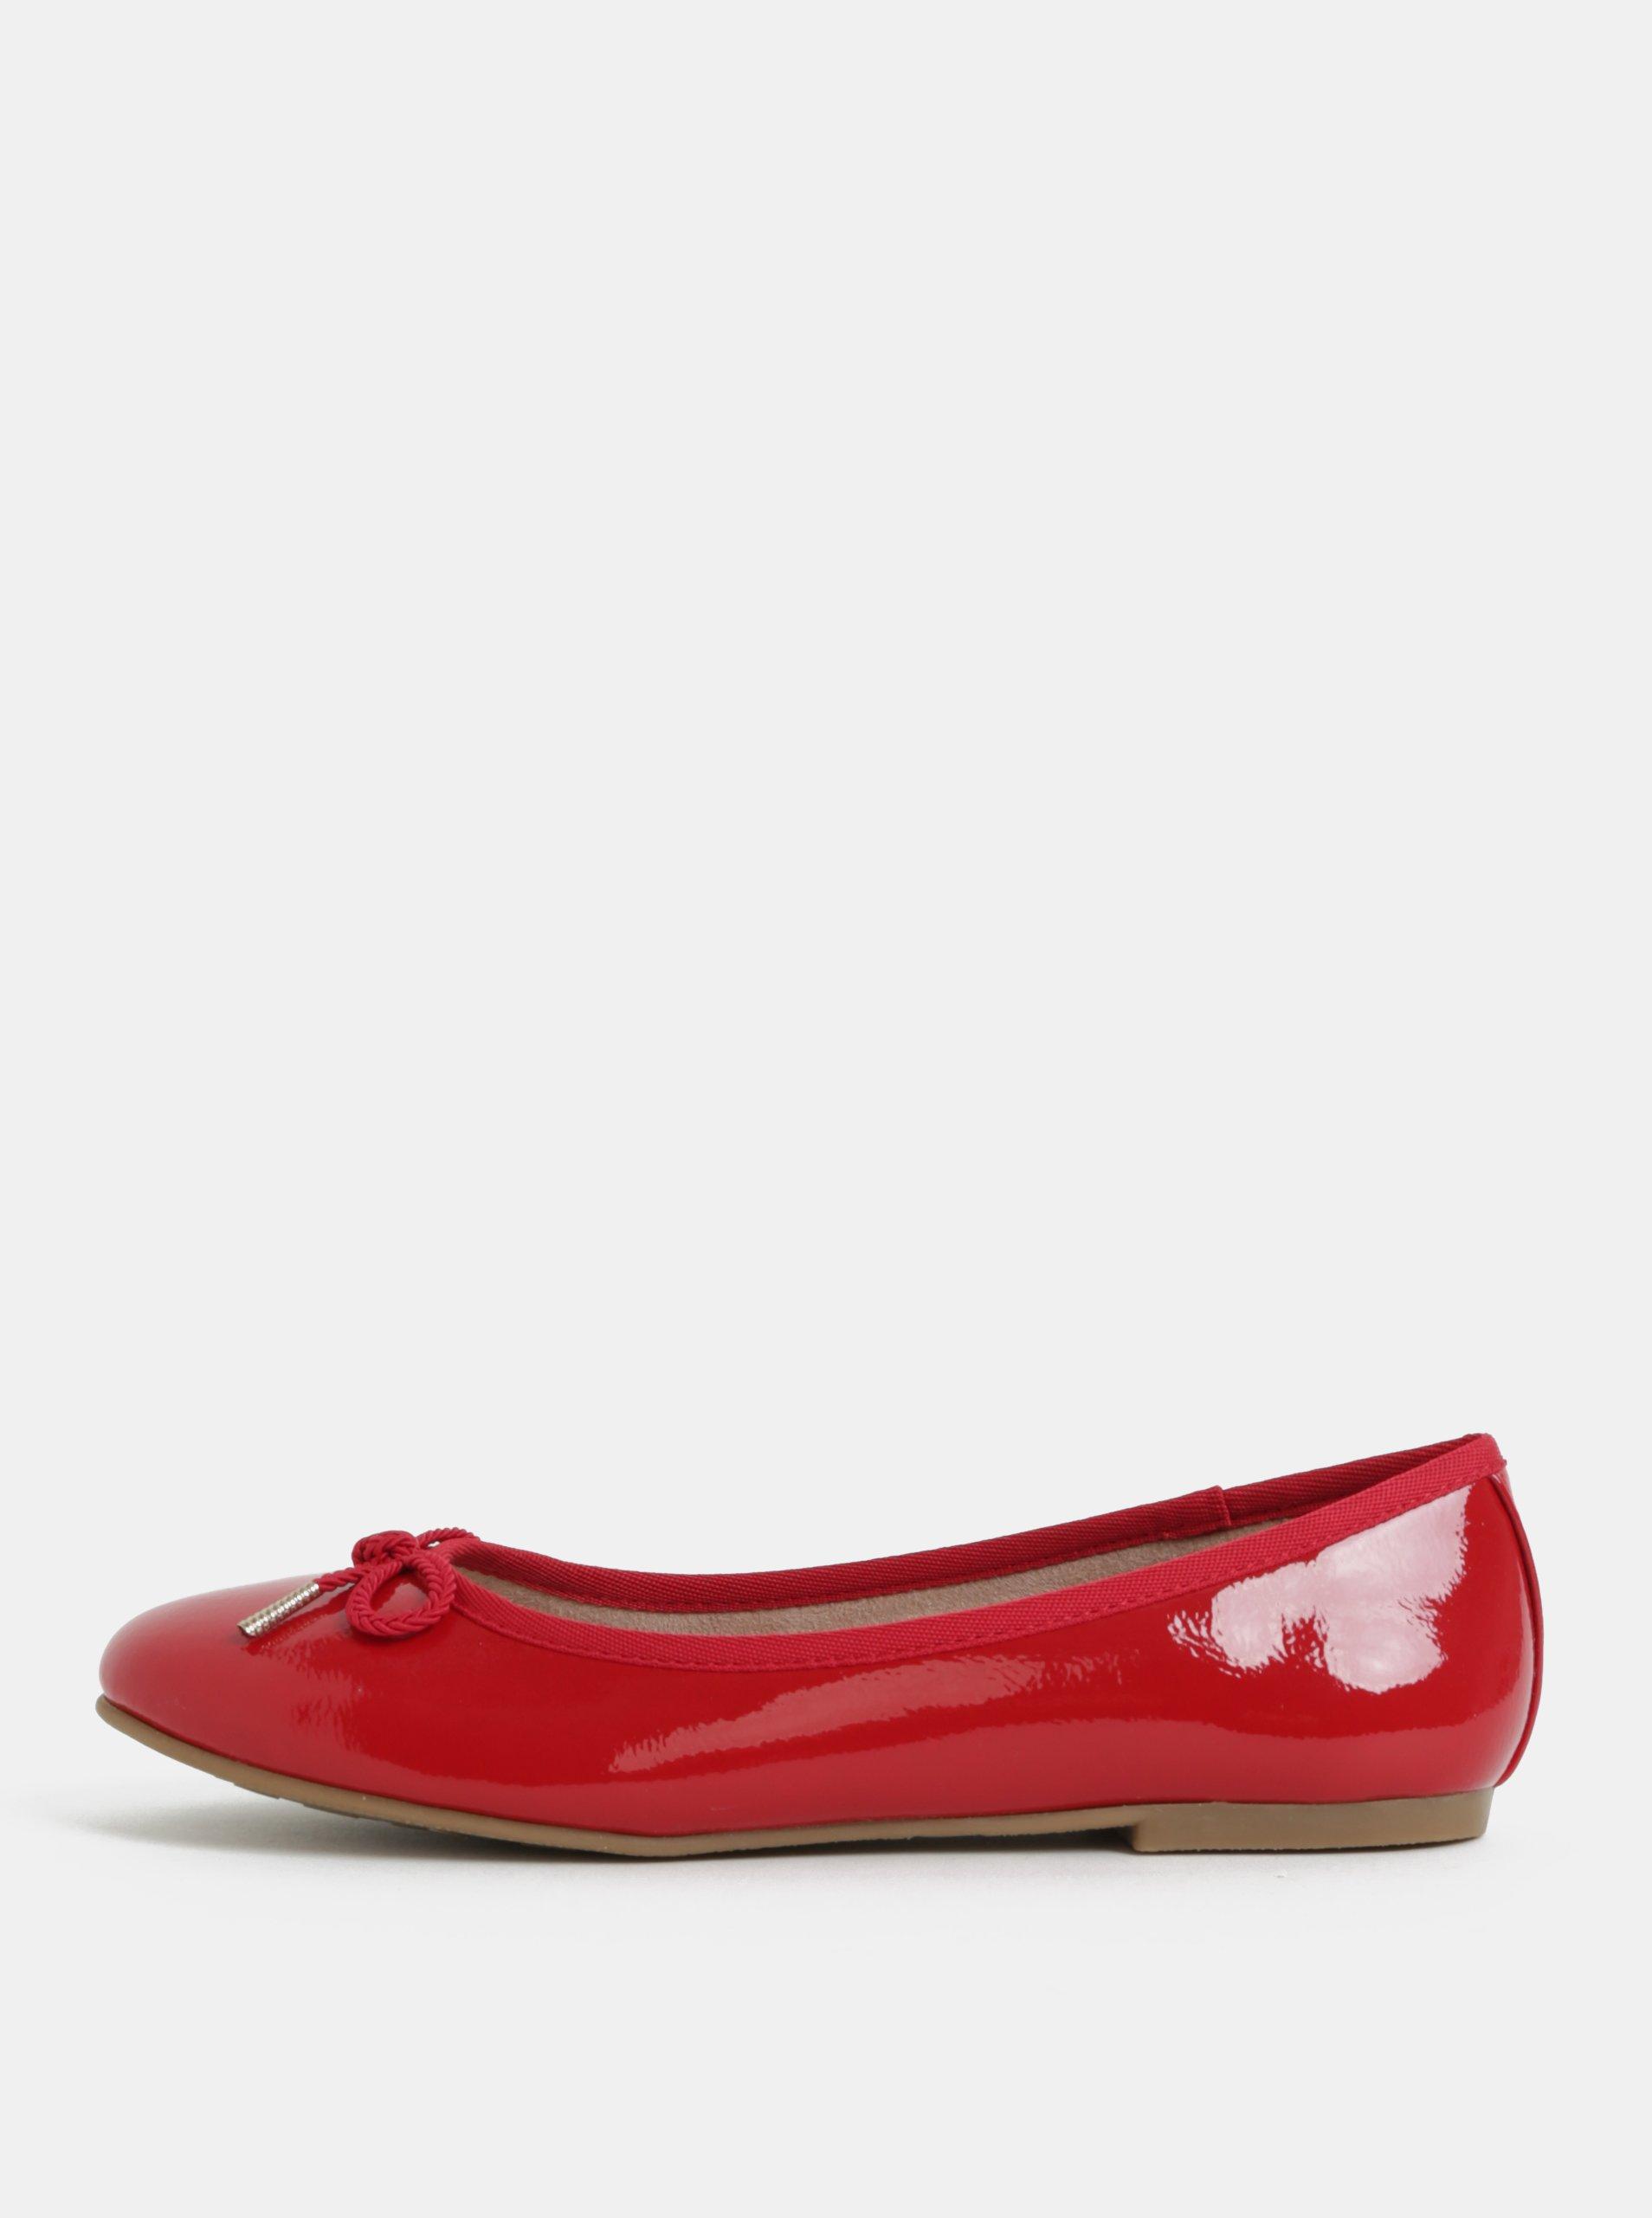 58059bccd Cervene baleriny s masli levně | Blesk zboží